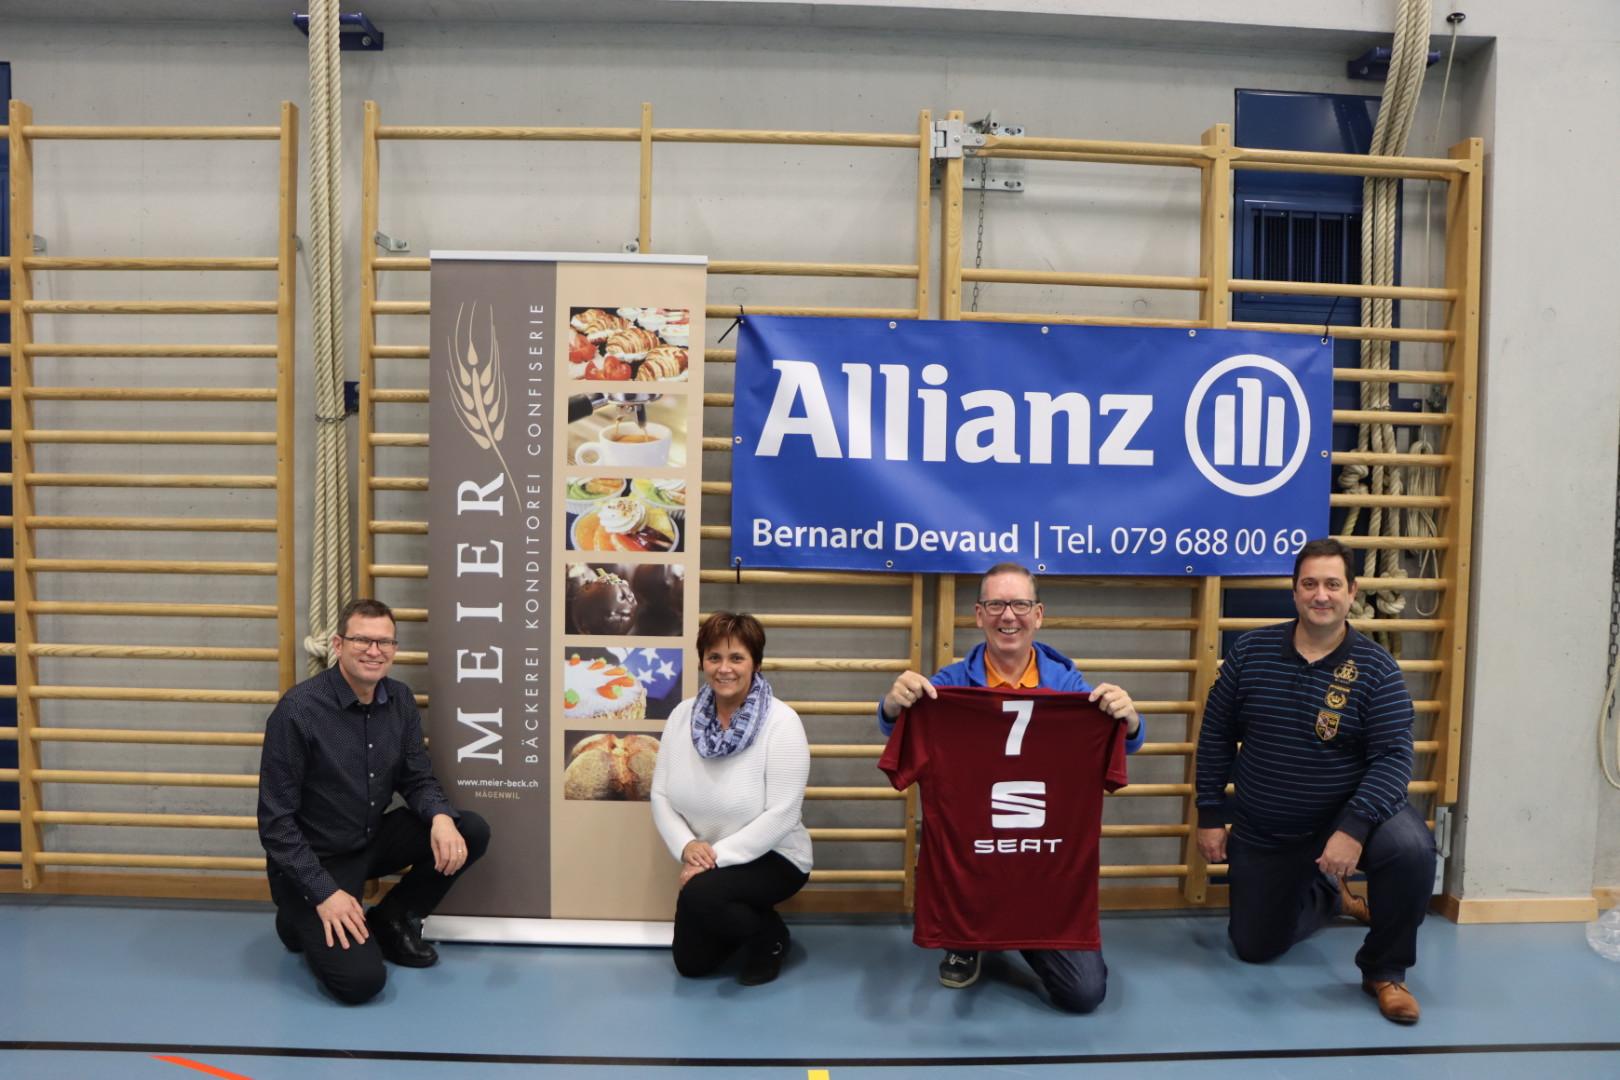 Volleyballern neu eingekleidet, mit Dank an Meier Bäckerei, Allianz und Seat